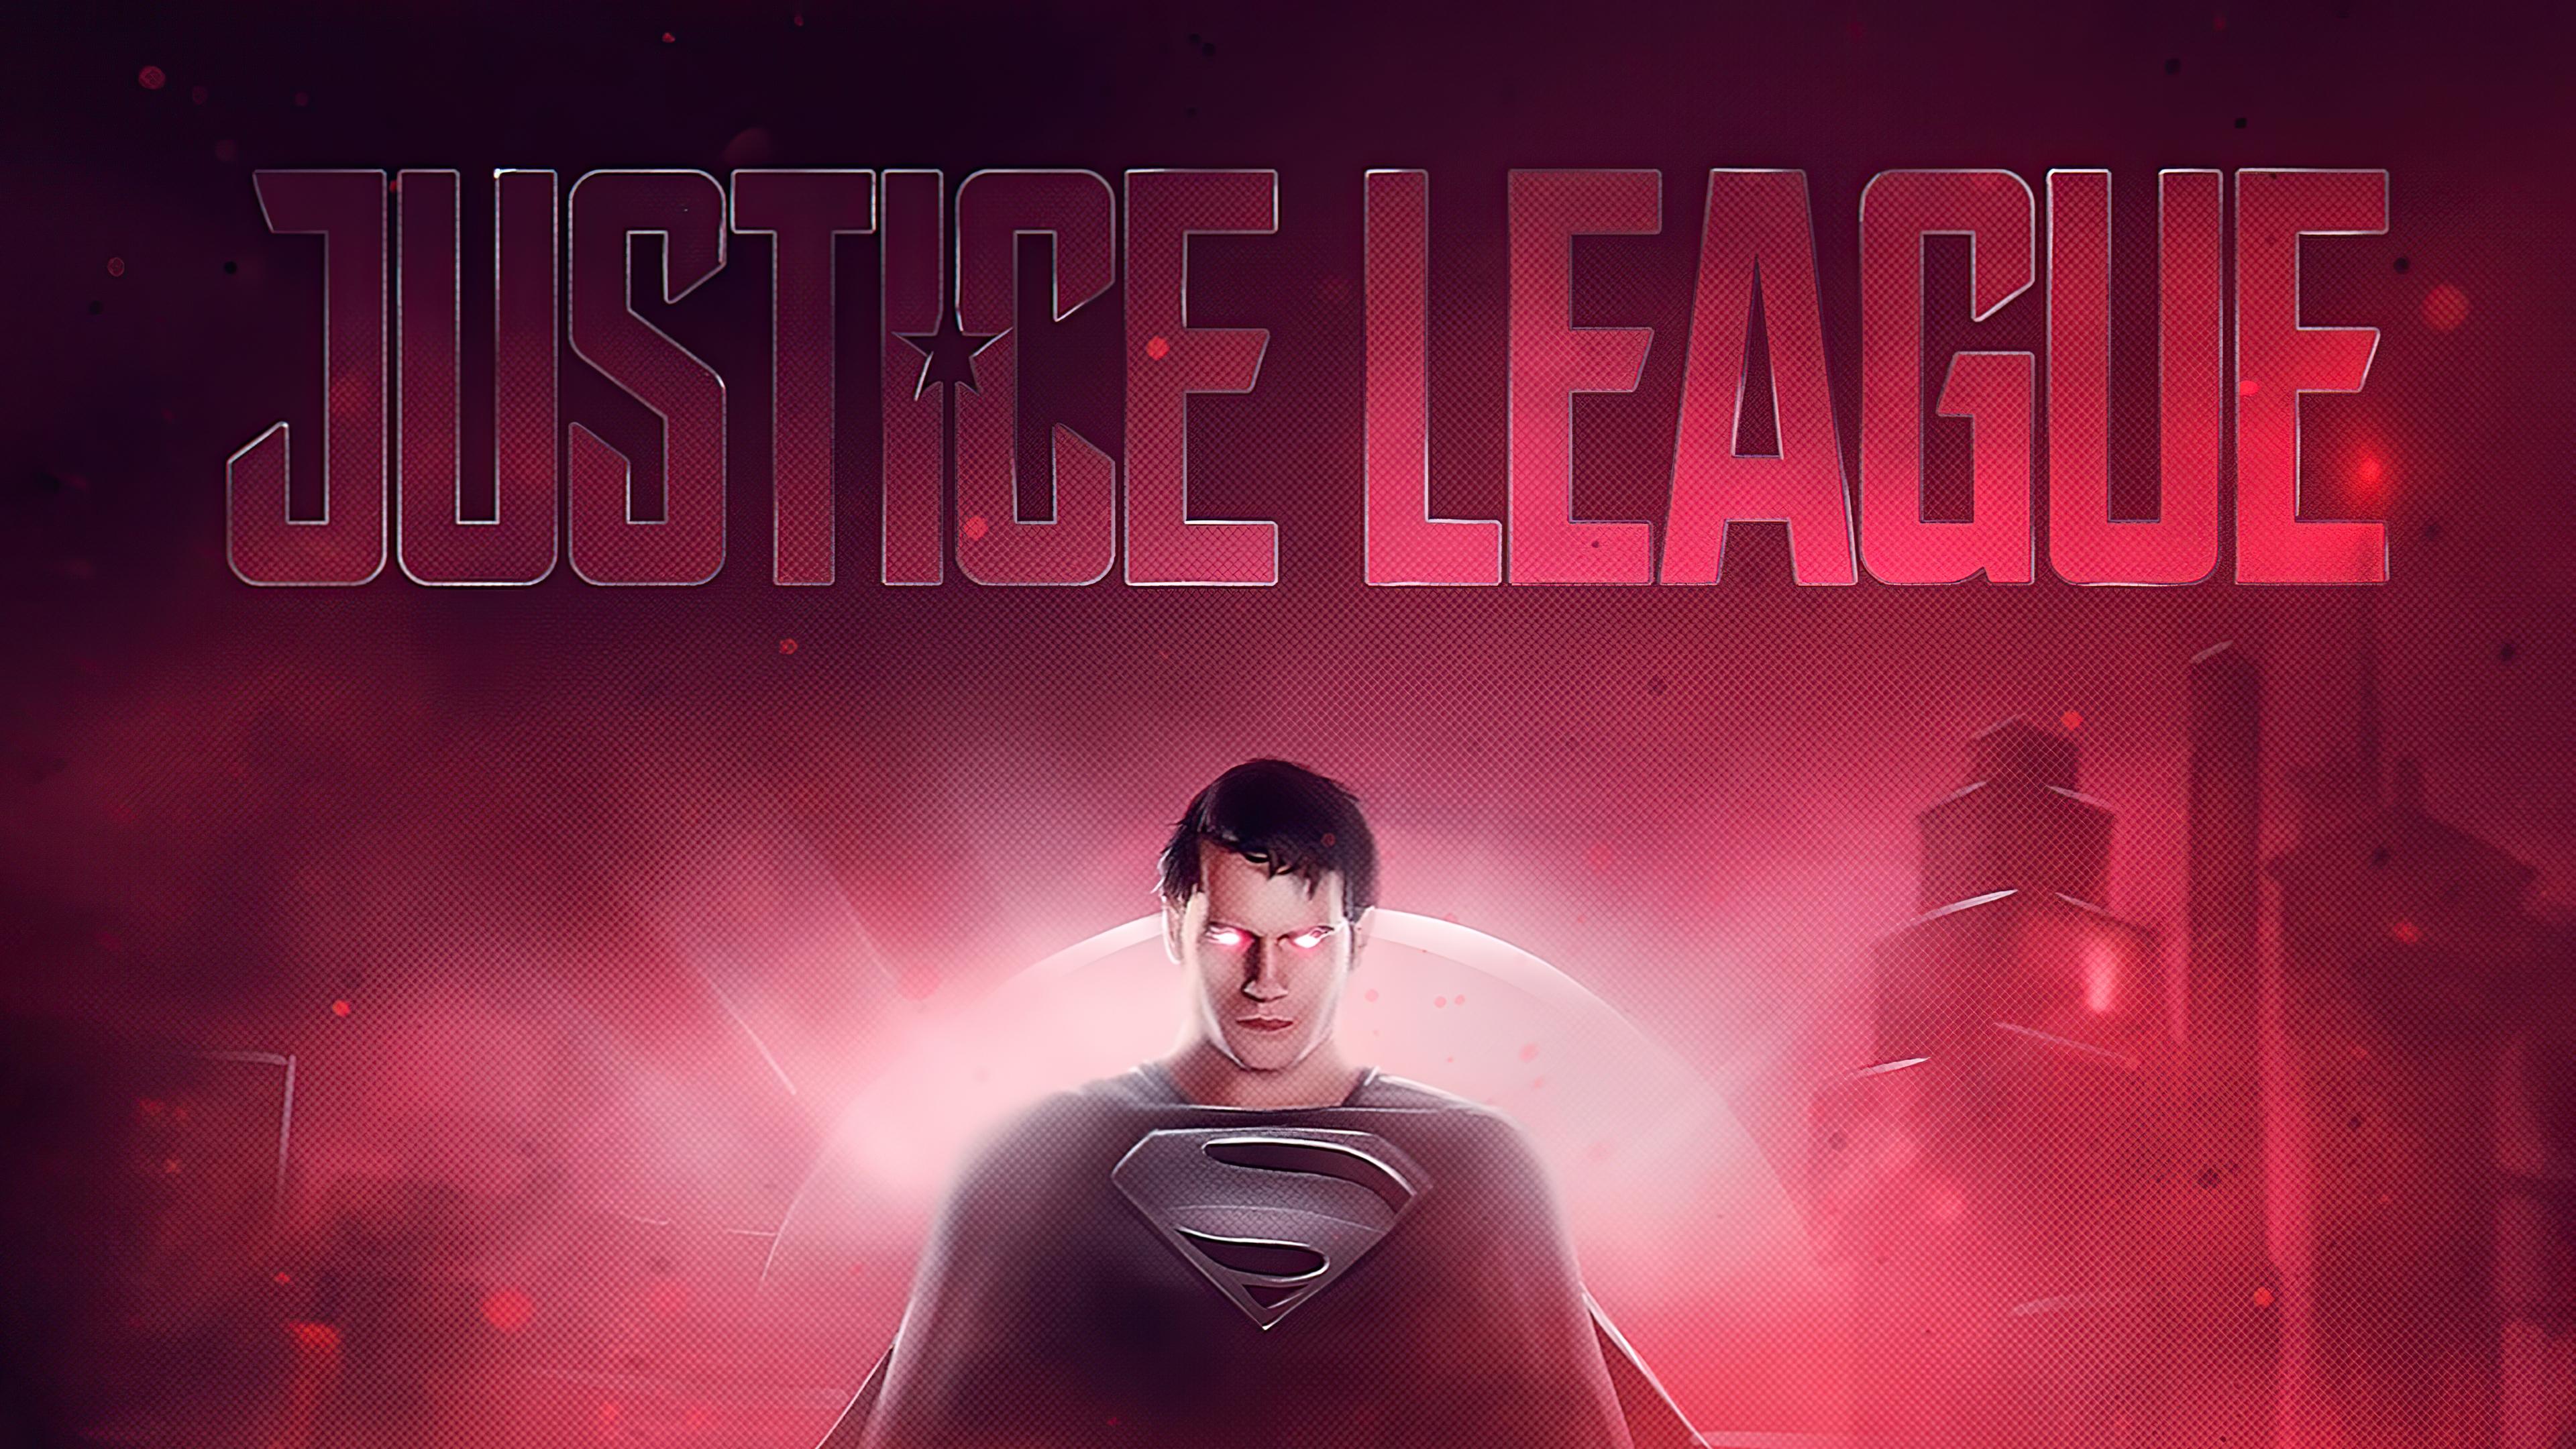 justice league superman art 4k 1618166583 - Justice League Superman Art 4k - Justice League Superman Art 4k wallpapers